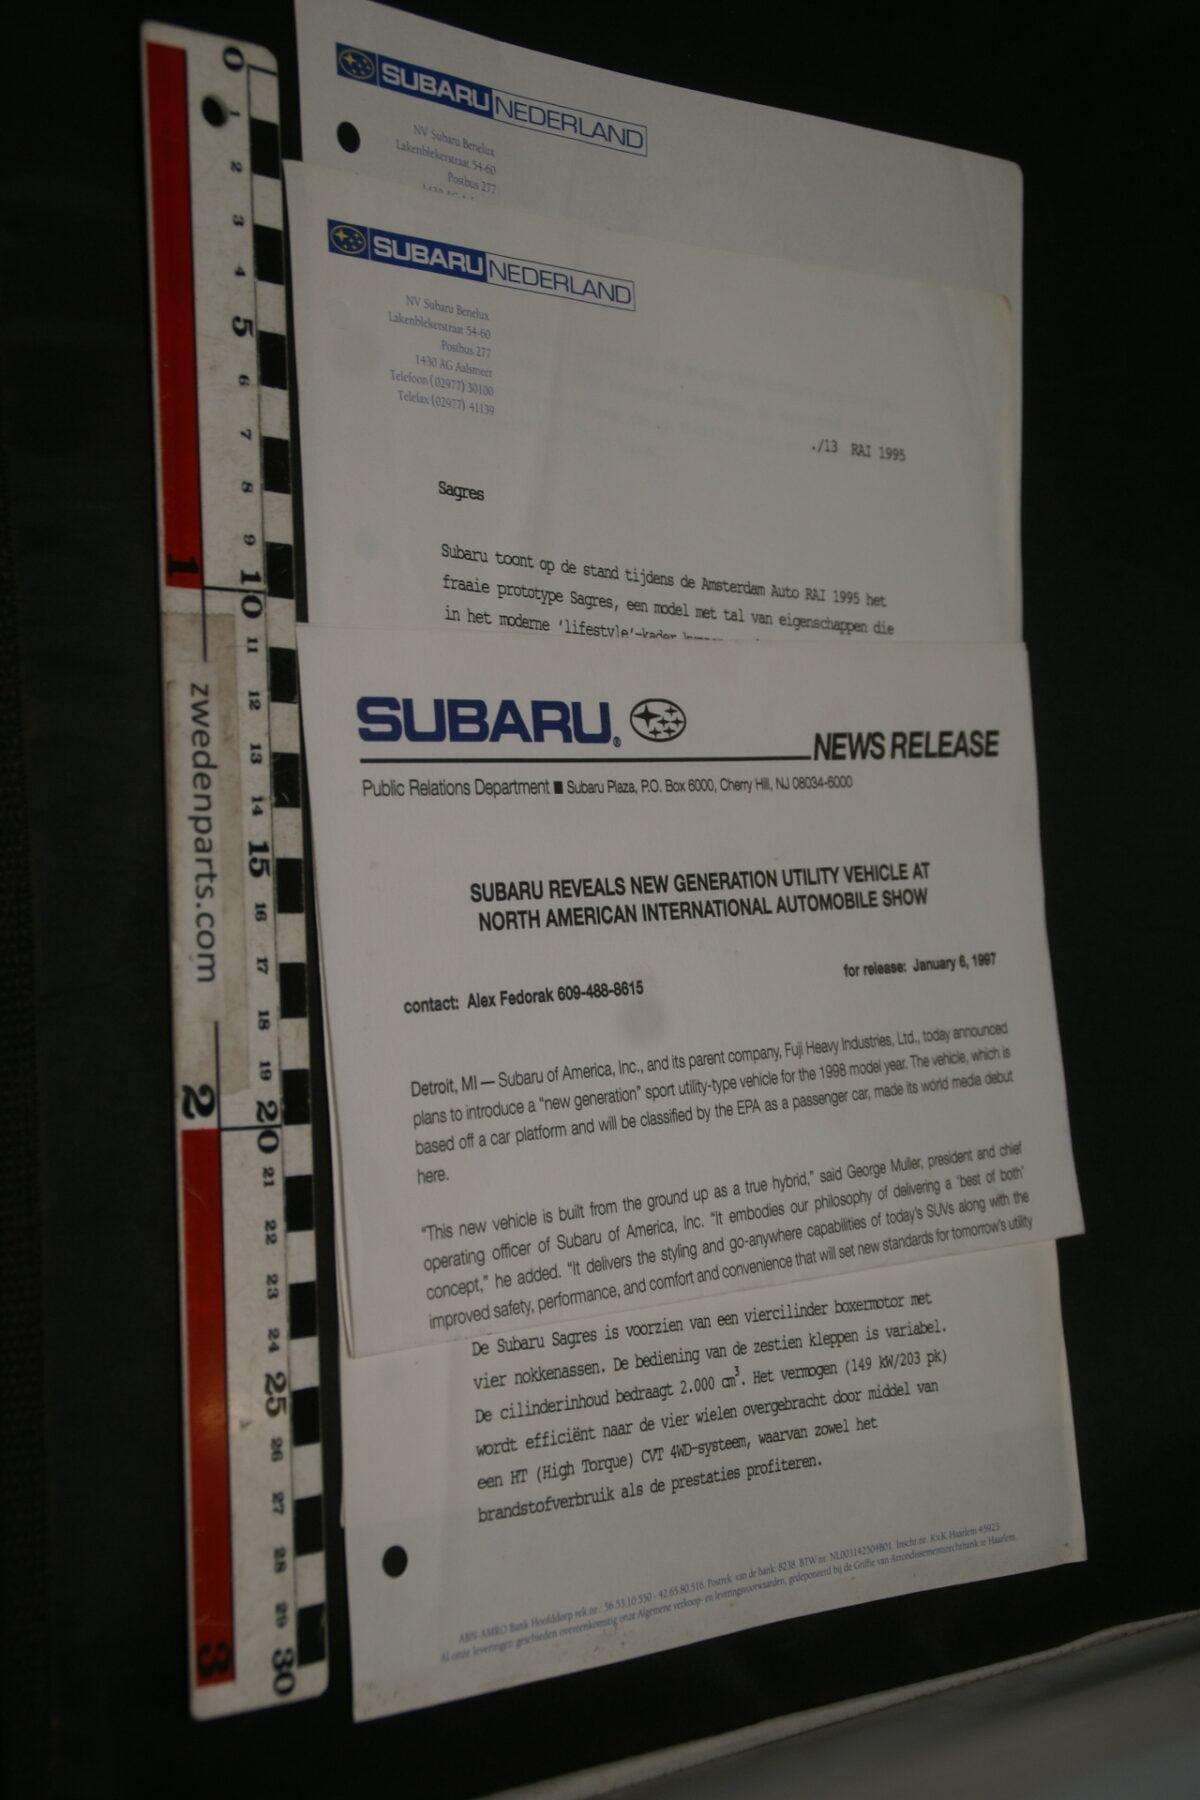 DSC02446 1995 1997  3x originele persbericht Subaru-7a0dac27